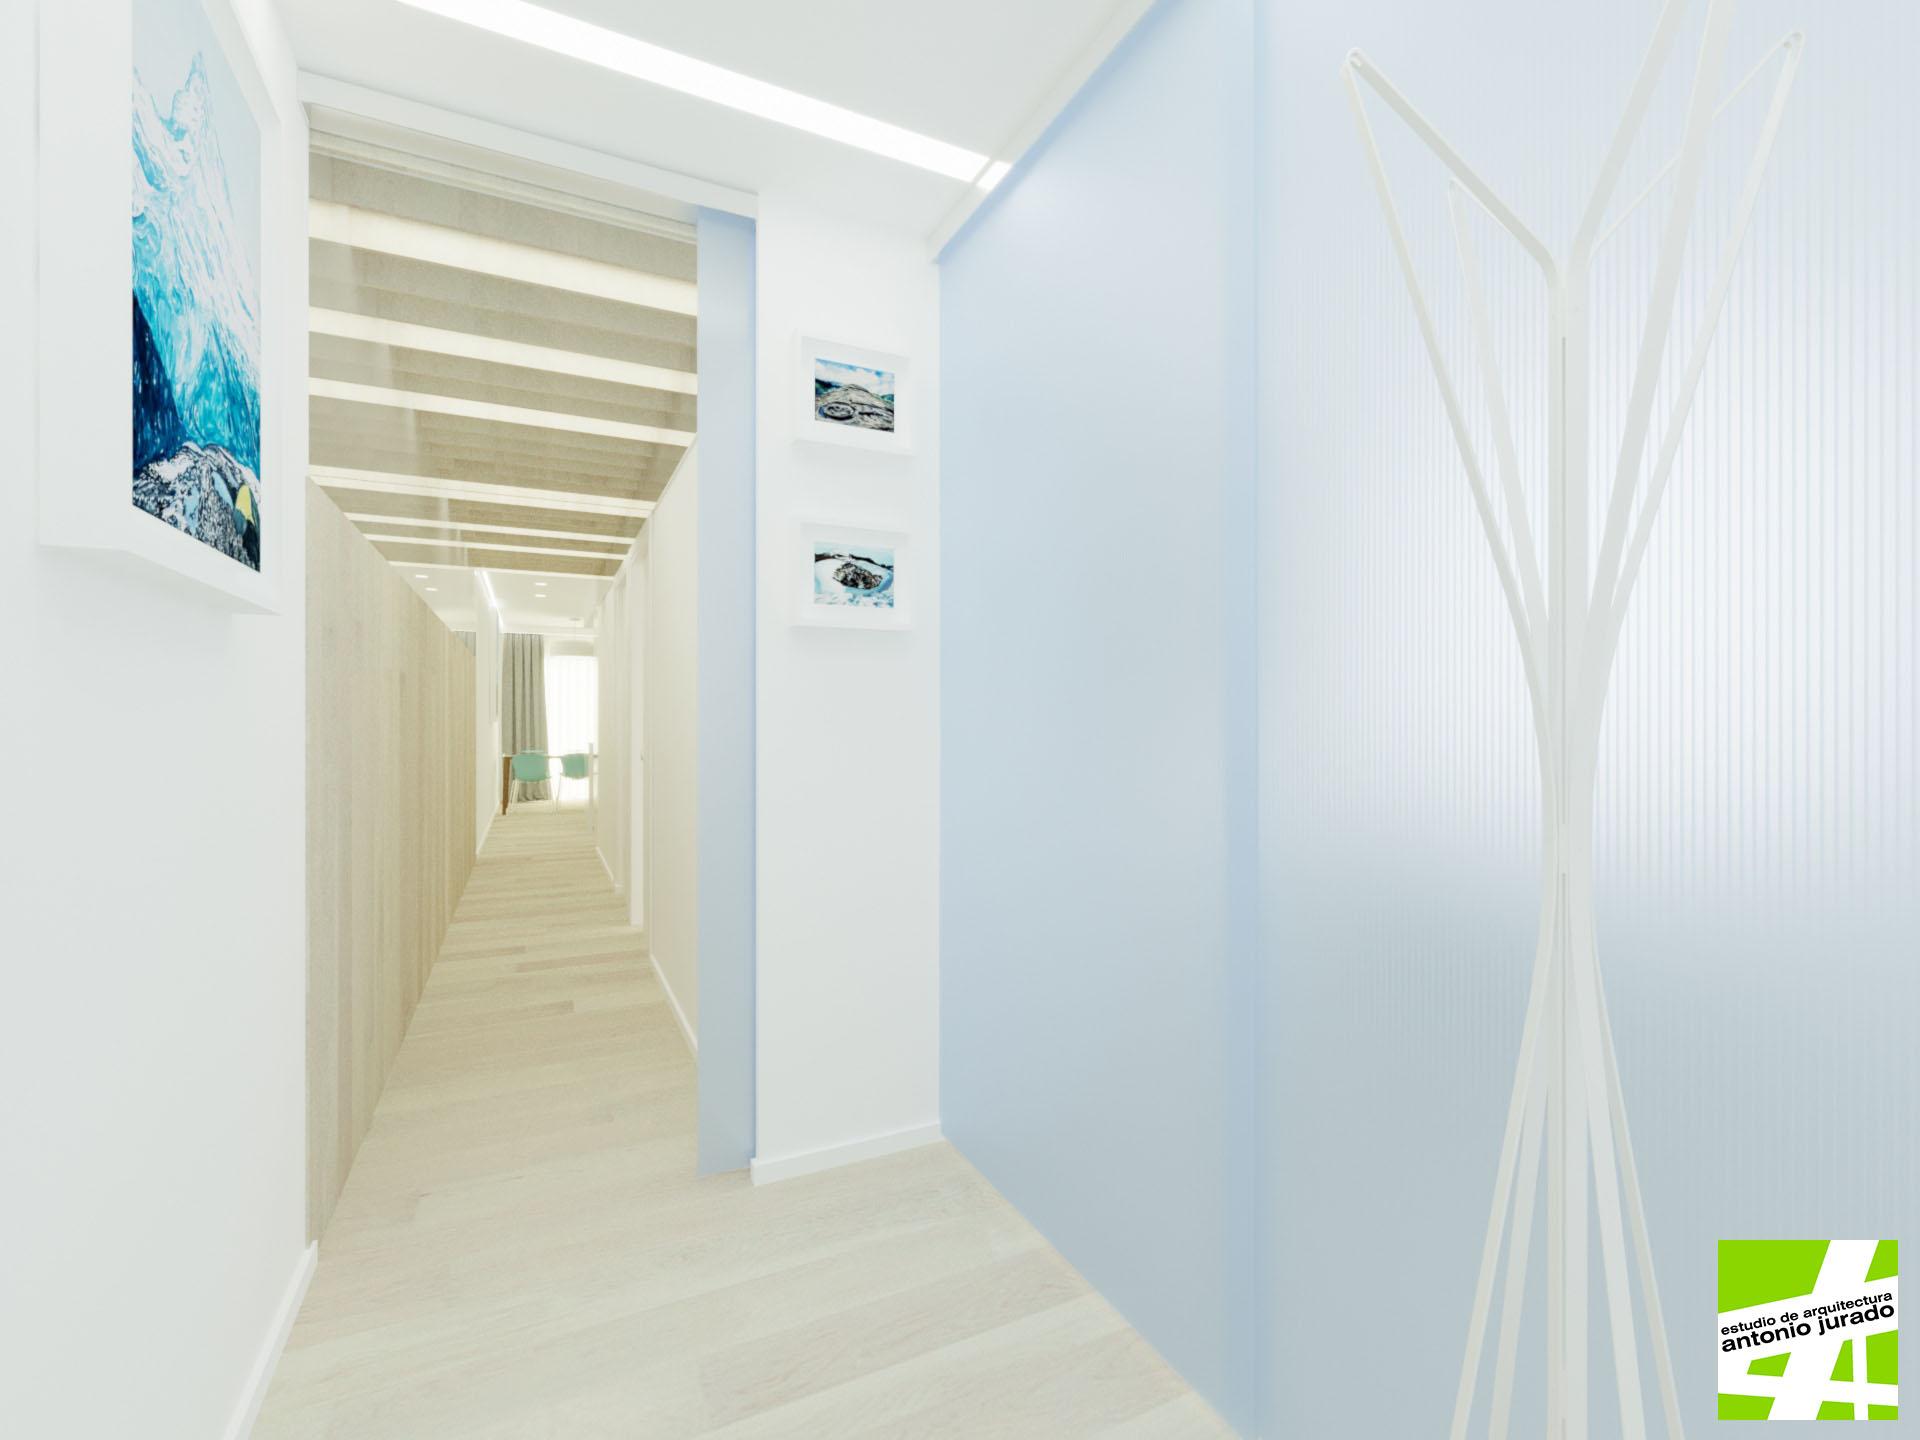 apartamento-mc-malaga-estudio-arquitectura-antonio-jurado-01